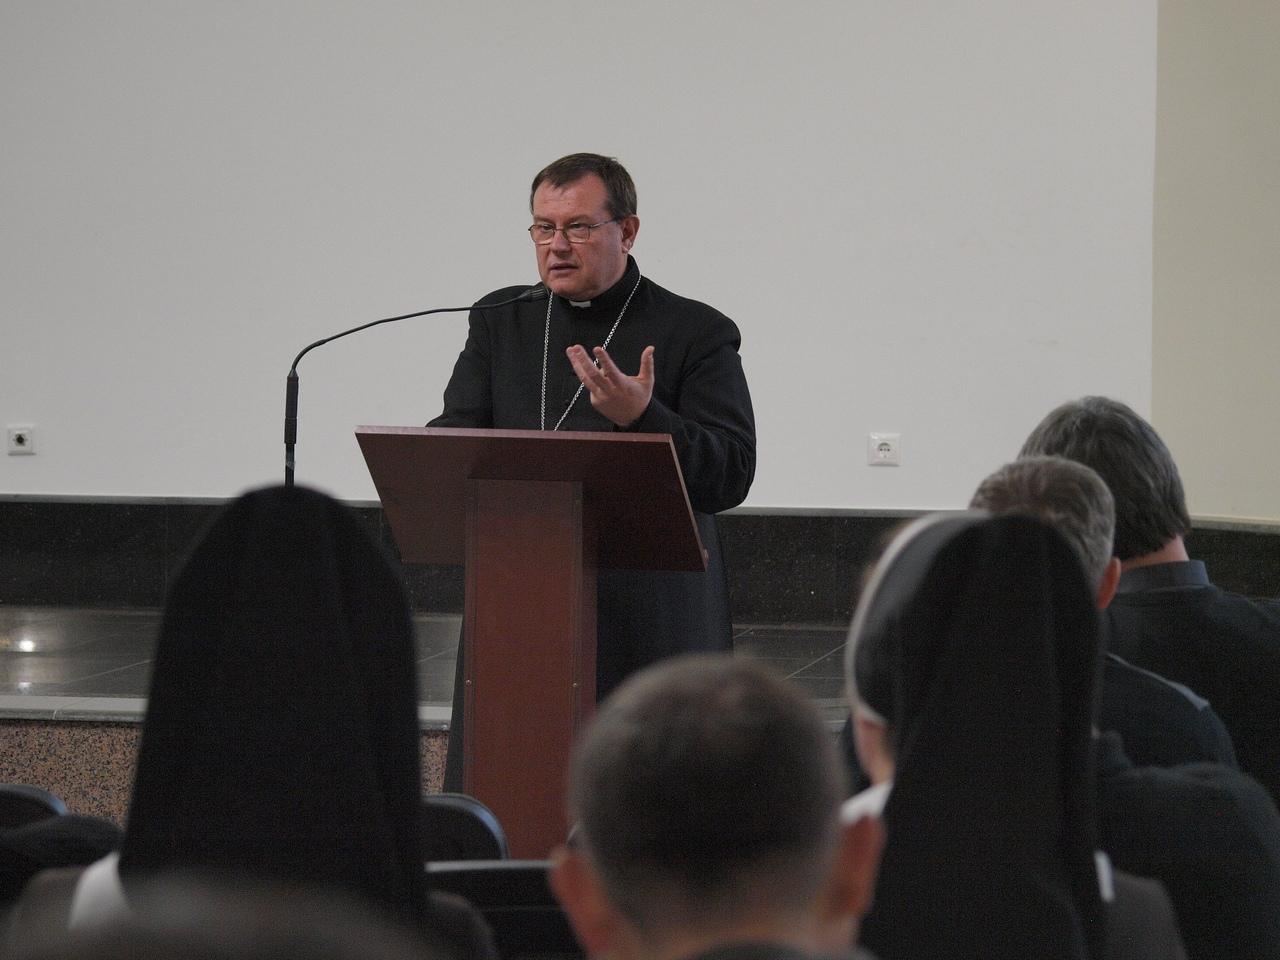 Синод: Послесловие. Выступление архиепископа Павла Пецци перед священниками и монашествующими